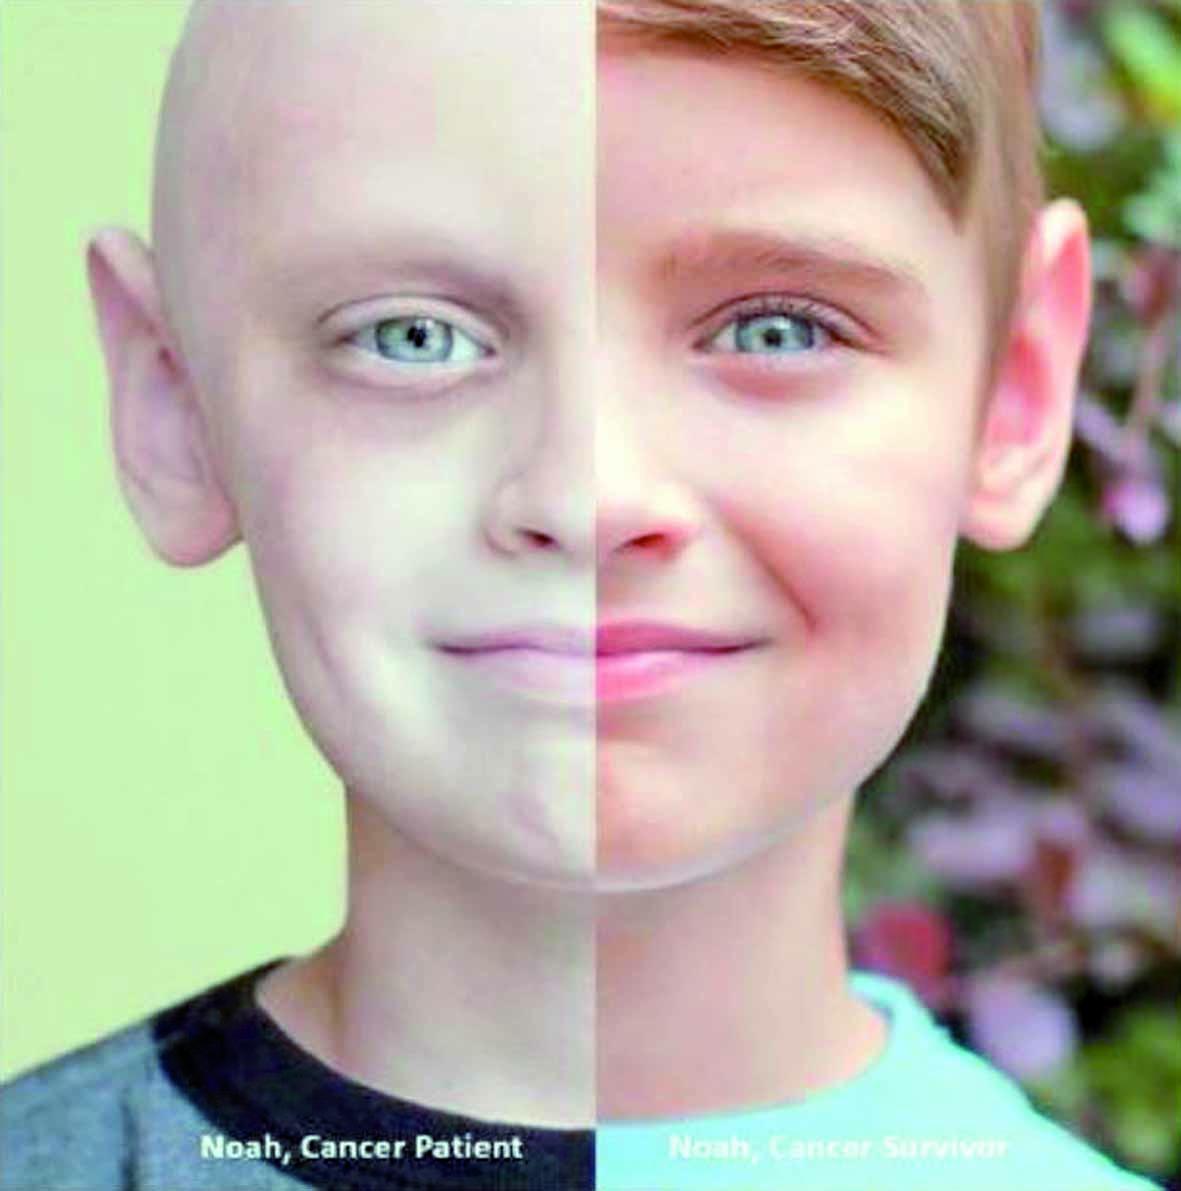 Gala de charité à Settat au profit des enfants cancéreux